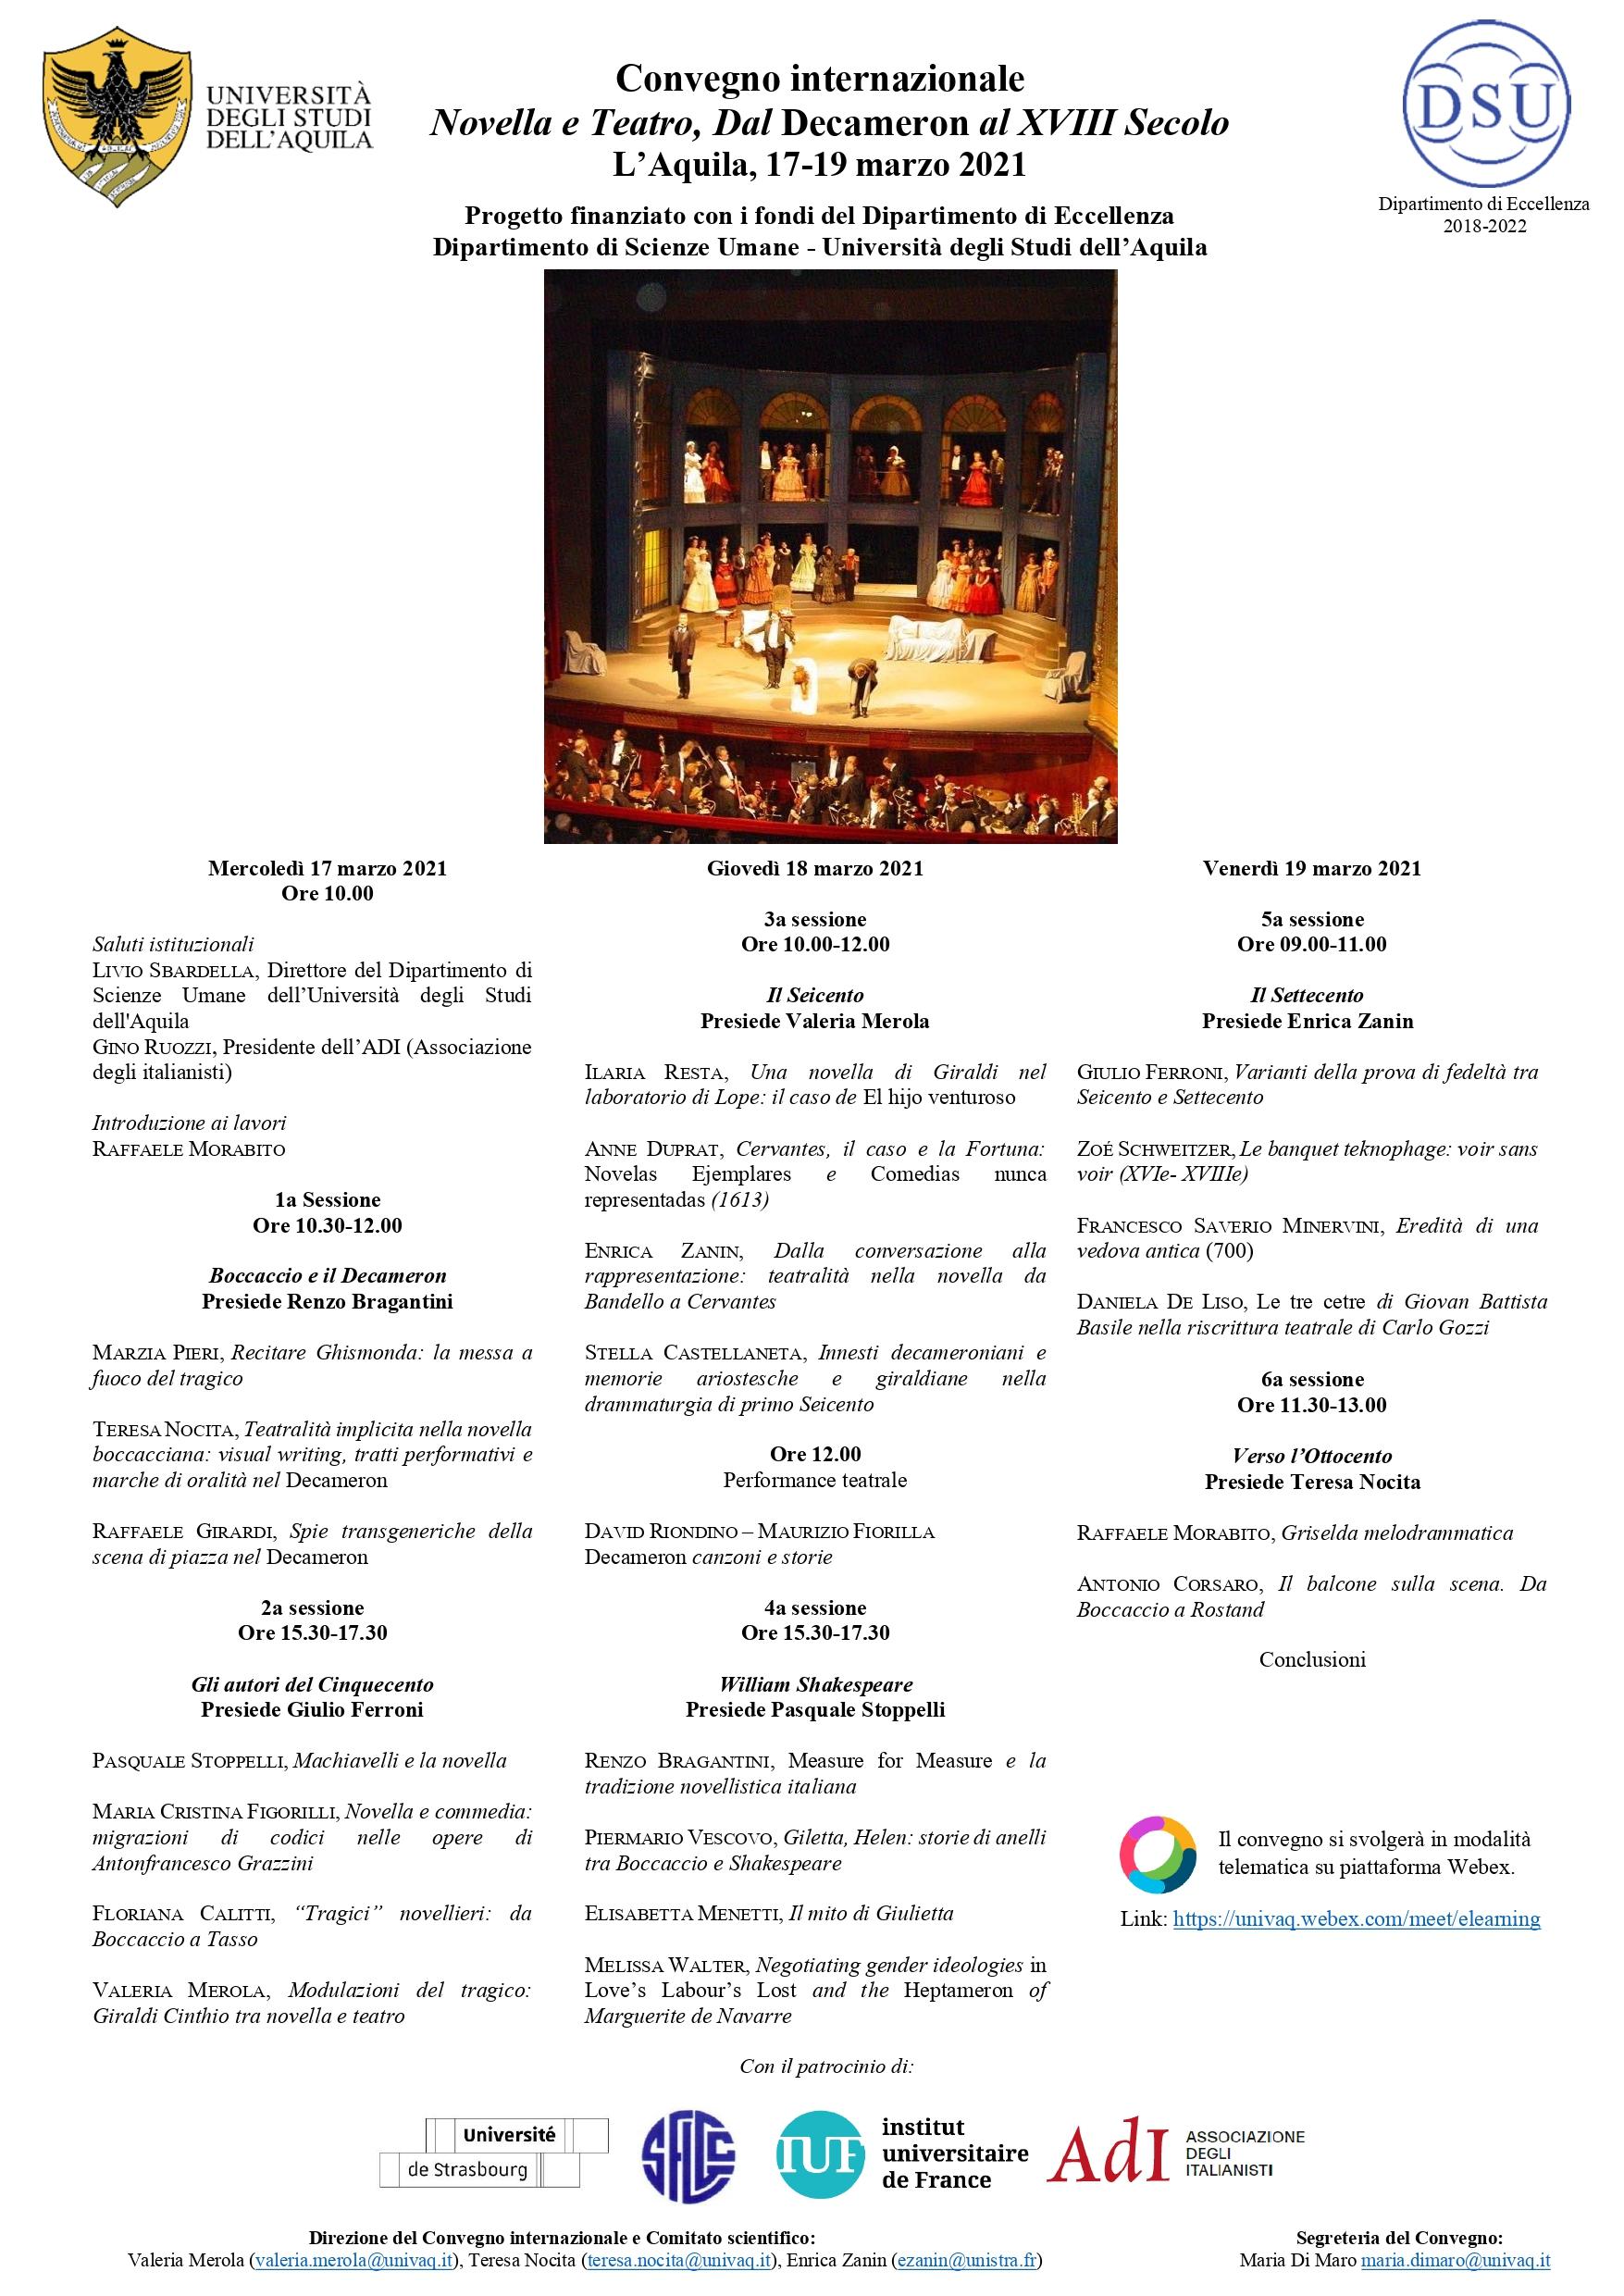 Convegno Novella e teatro: dal Decameron al XVII secolo